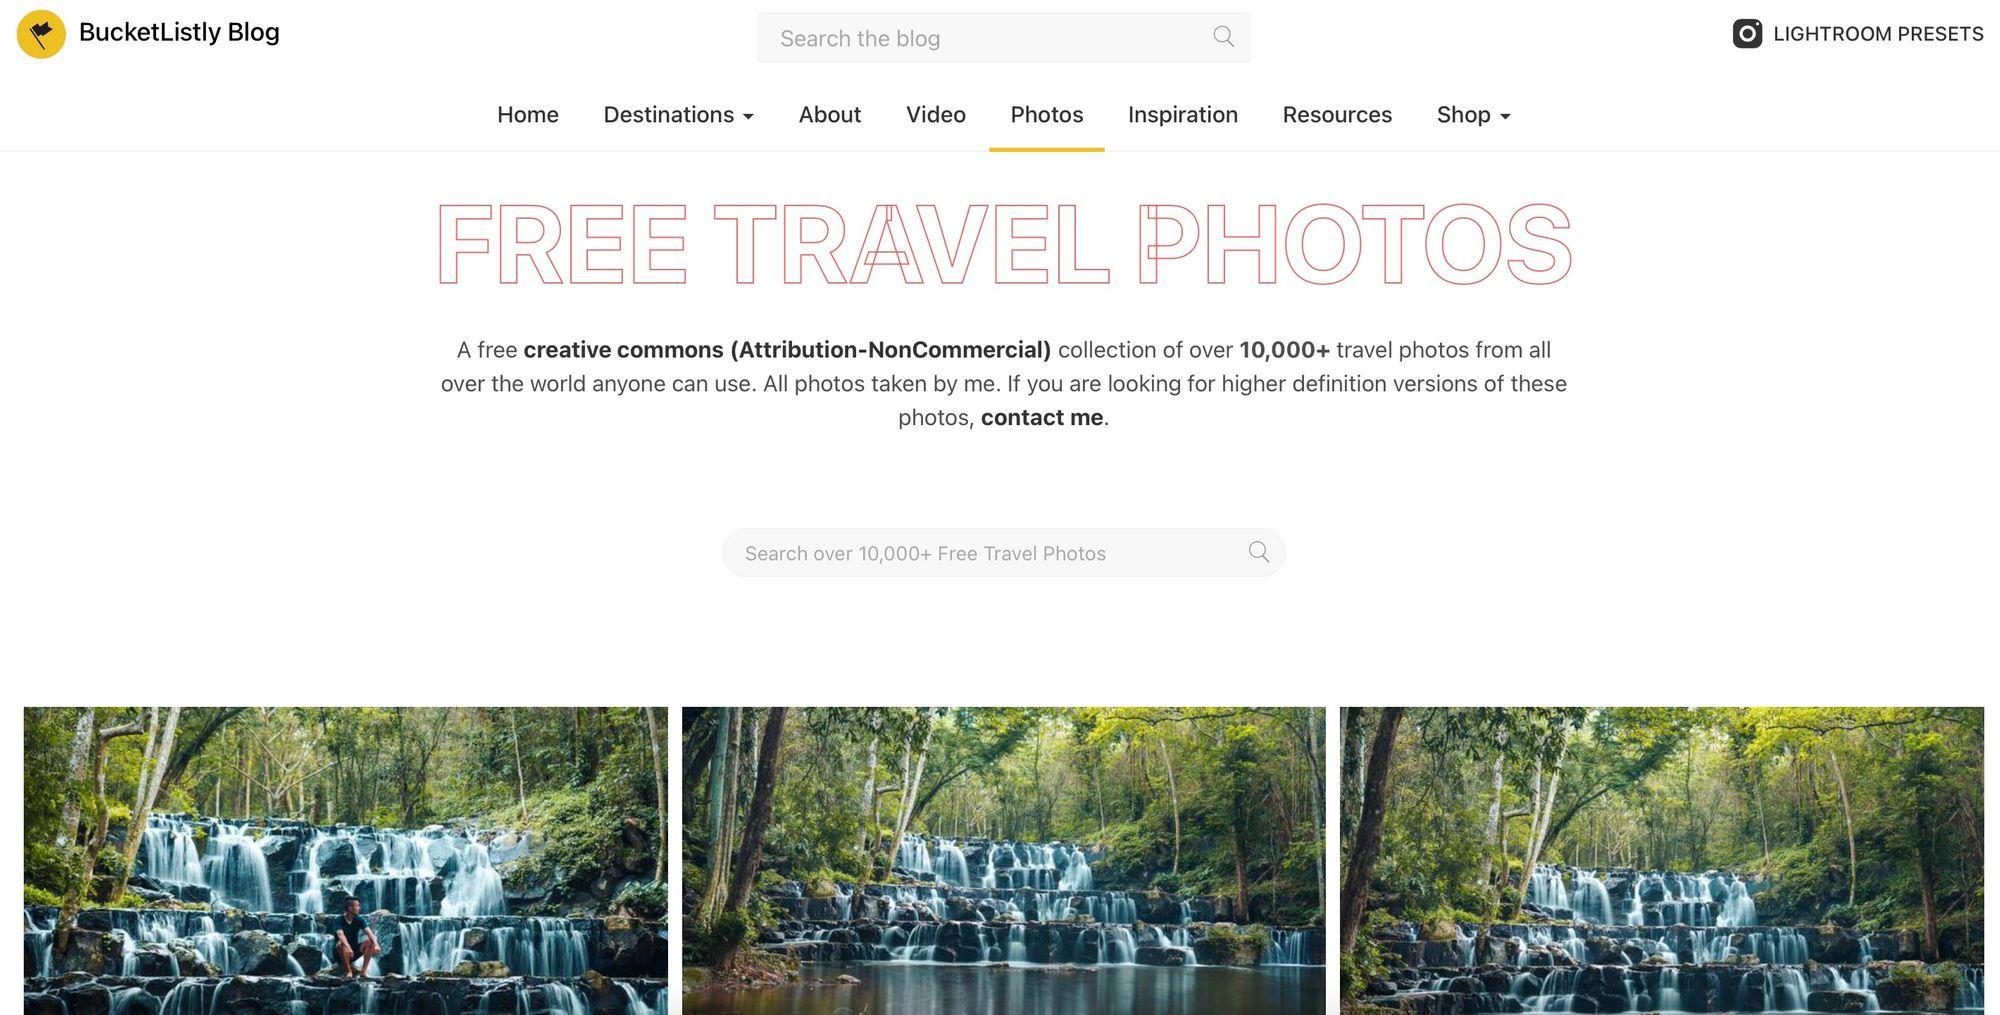 Качайте бесплатные фотографии без регистрации